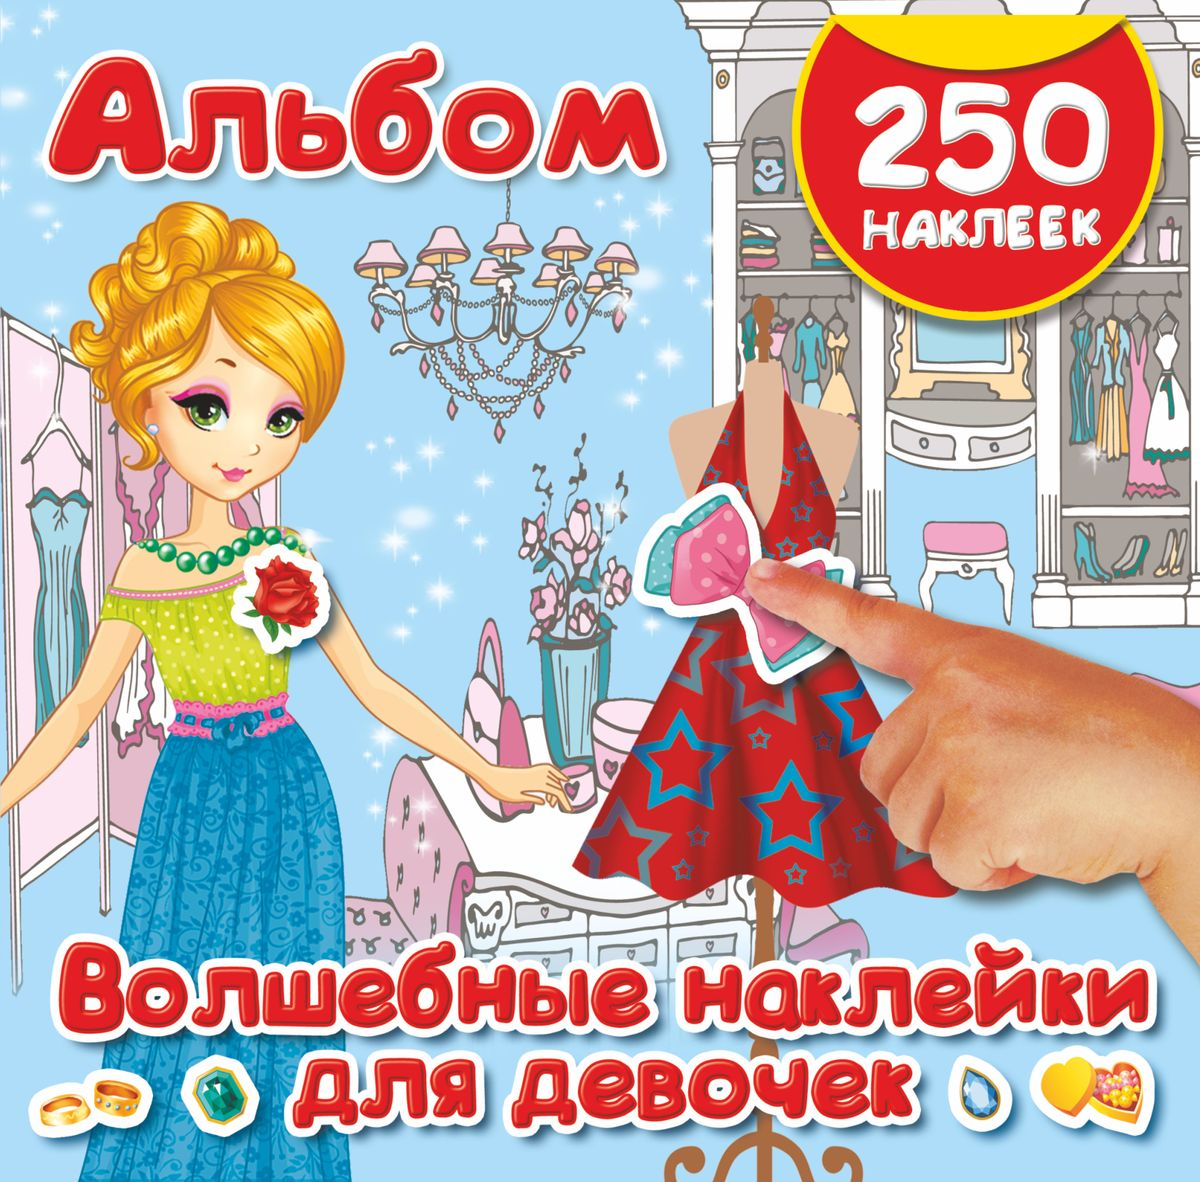 Волшебные наклейки для девочек и горбунова книжка для девочек всех возрастов рисунки раскраски придумки